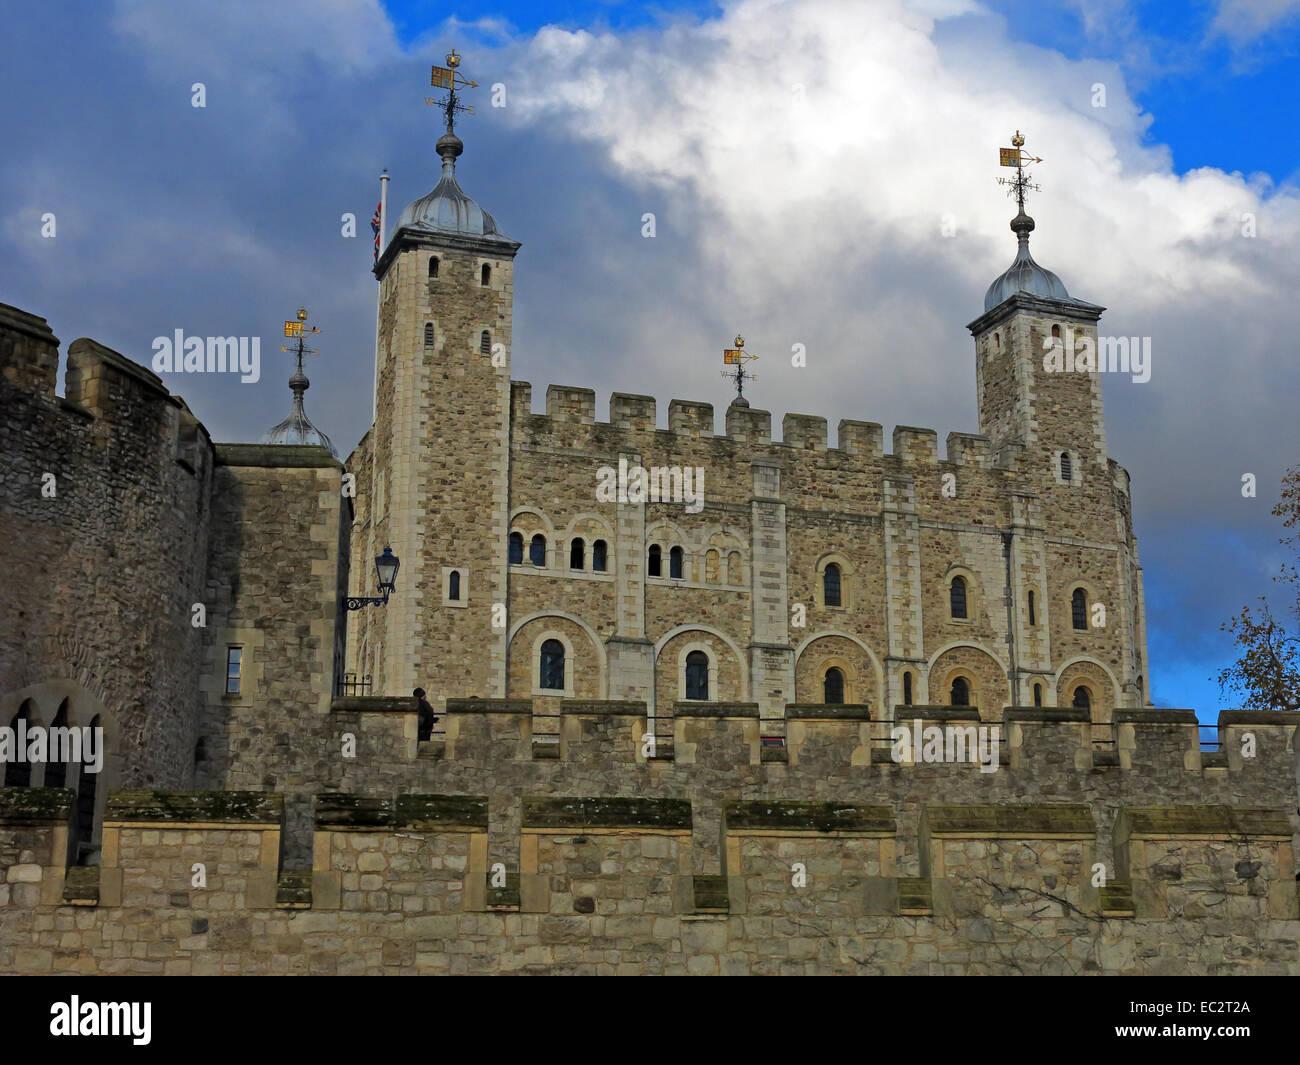 Laden Sie dieses Alamy Stockfoto Tower von London, mit dramatischer Himmel, City of London, England, UK - EC2T2A